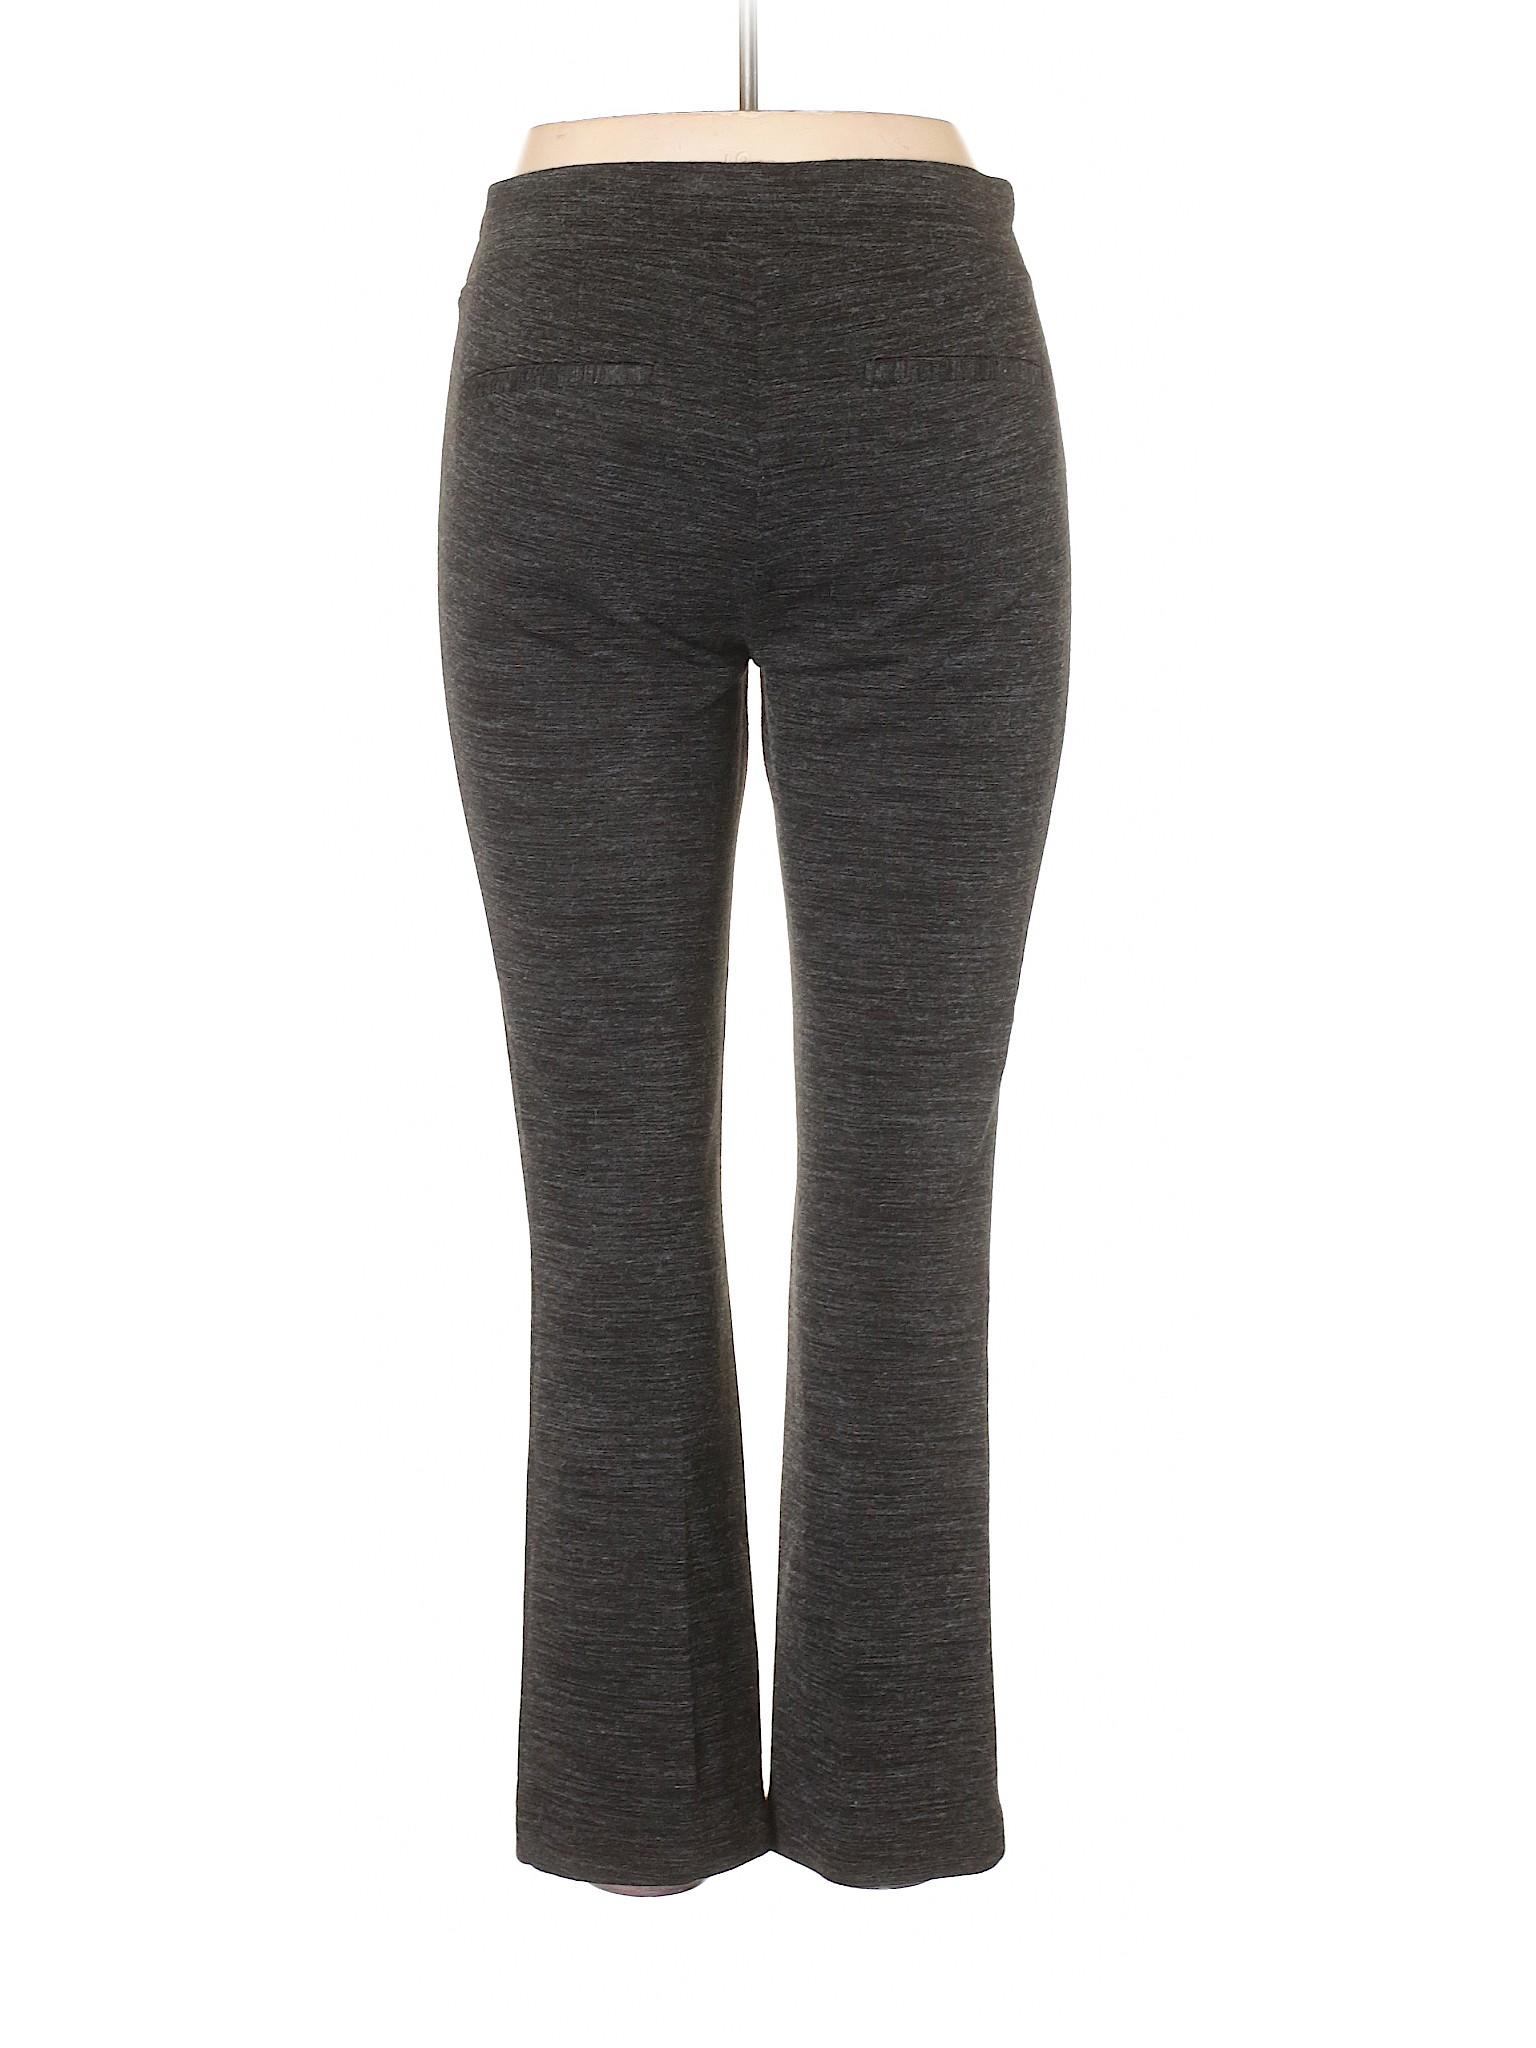 5a8aa53cf7c6 Lover Damen Schlank Capris Yoga Hosen Running Fitness Leggings Größe  L XL    Farbe  Gradient Blue. Diese Legging eignet sich für das ganz…